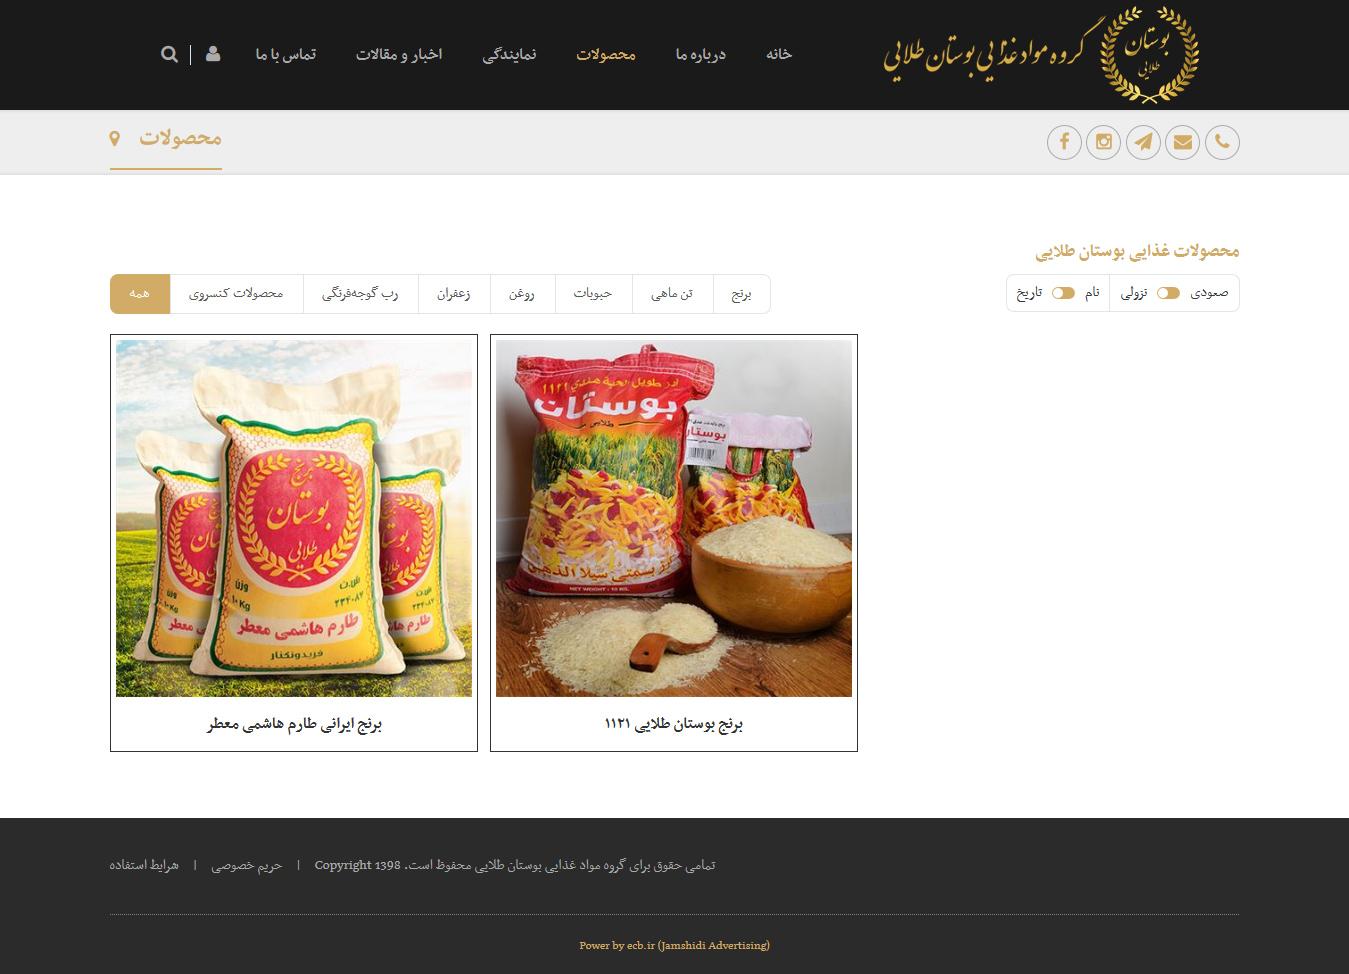 تصویری از صفحه محصولات گروه مواد غذایی بوستان طلایی